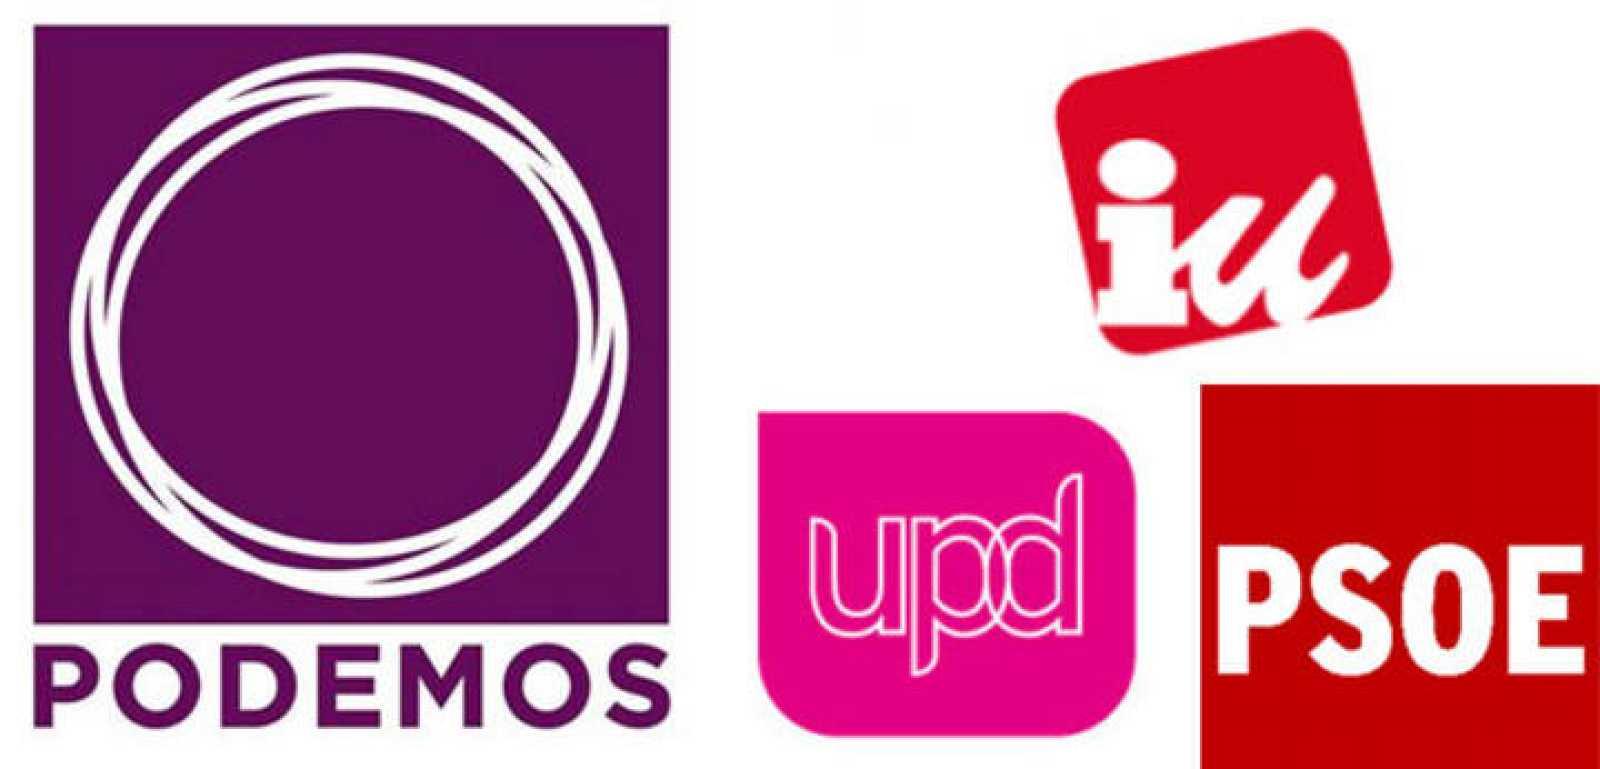 Los datos del CIS muestran que el empuje de Podemos coincide con el debilitamiento de IU, UPyD y PSOE.